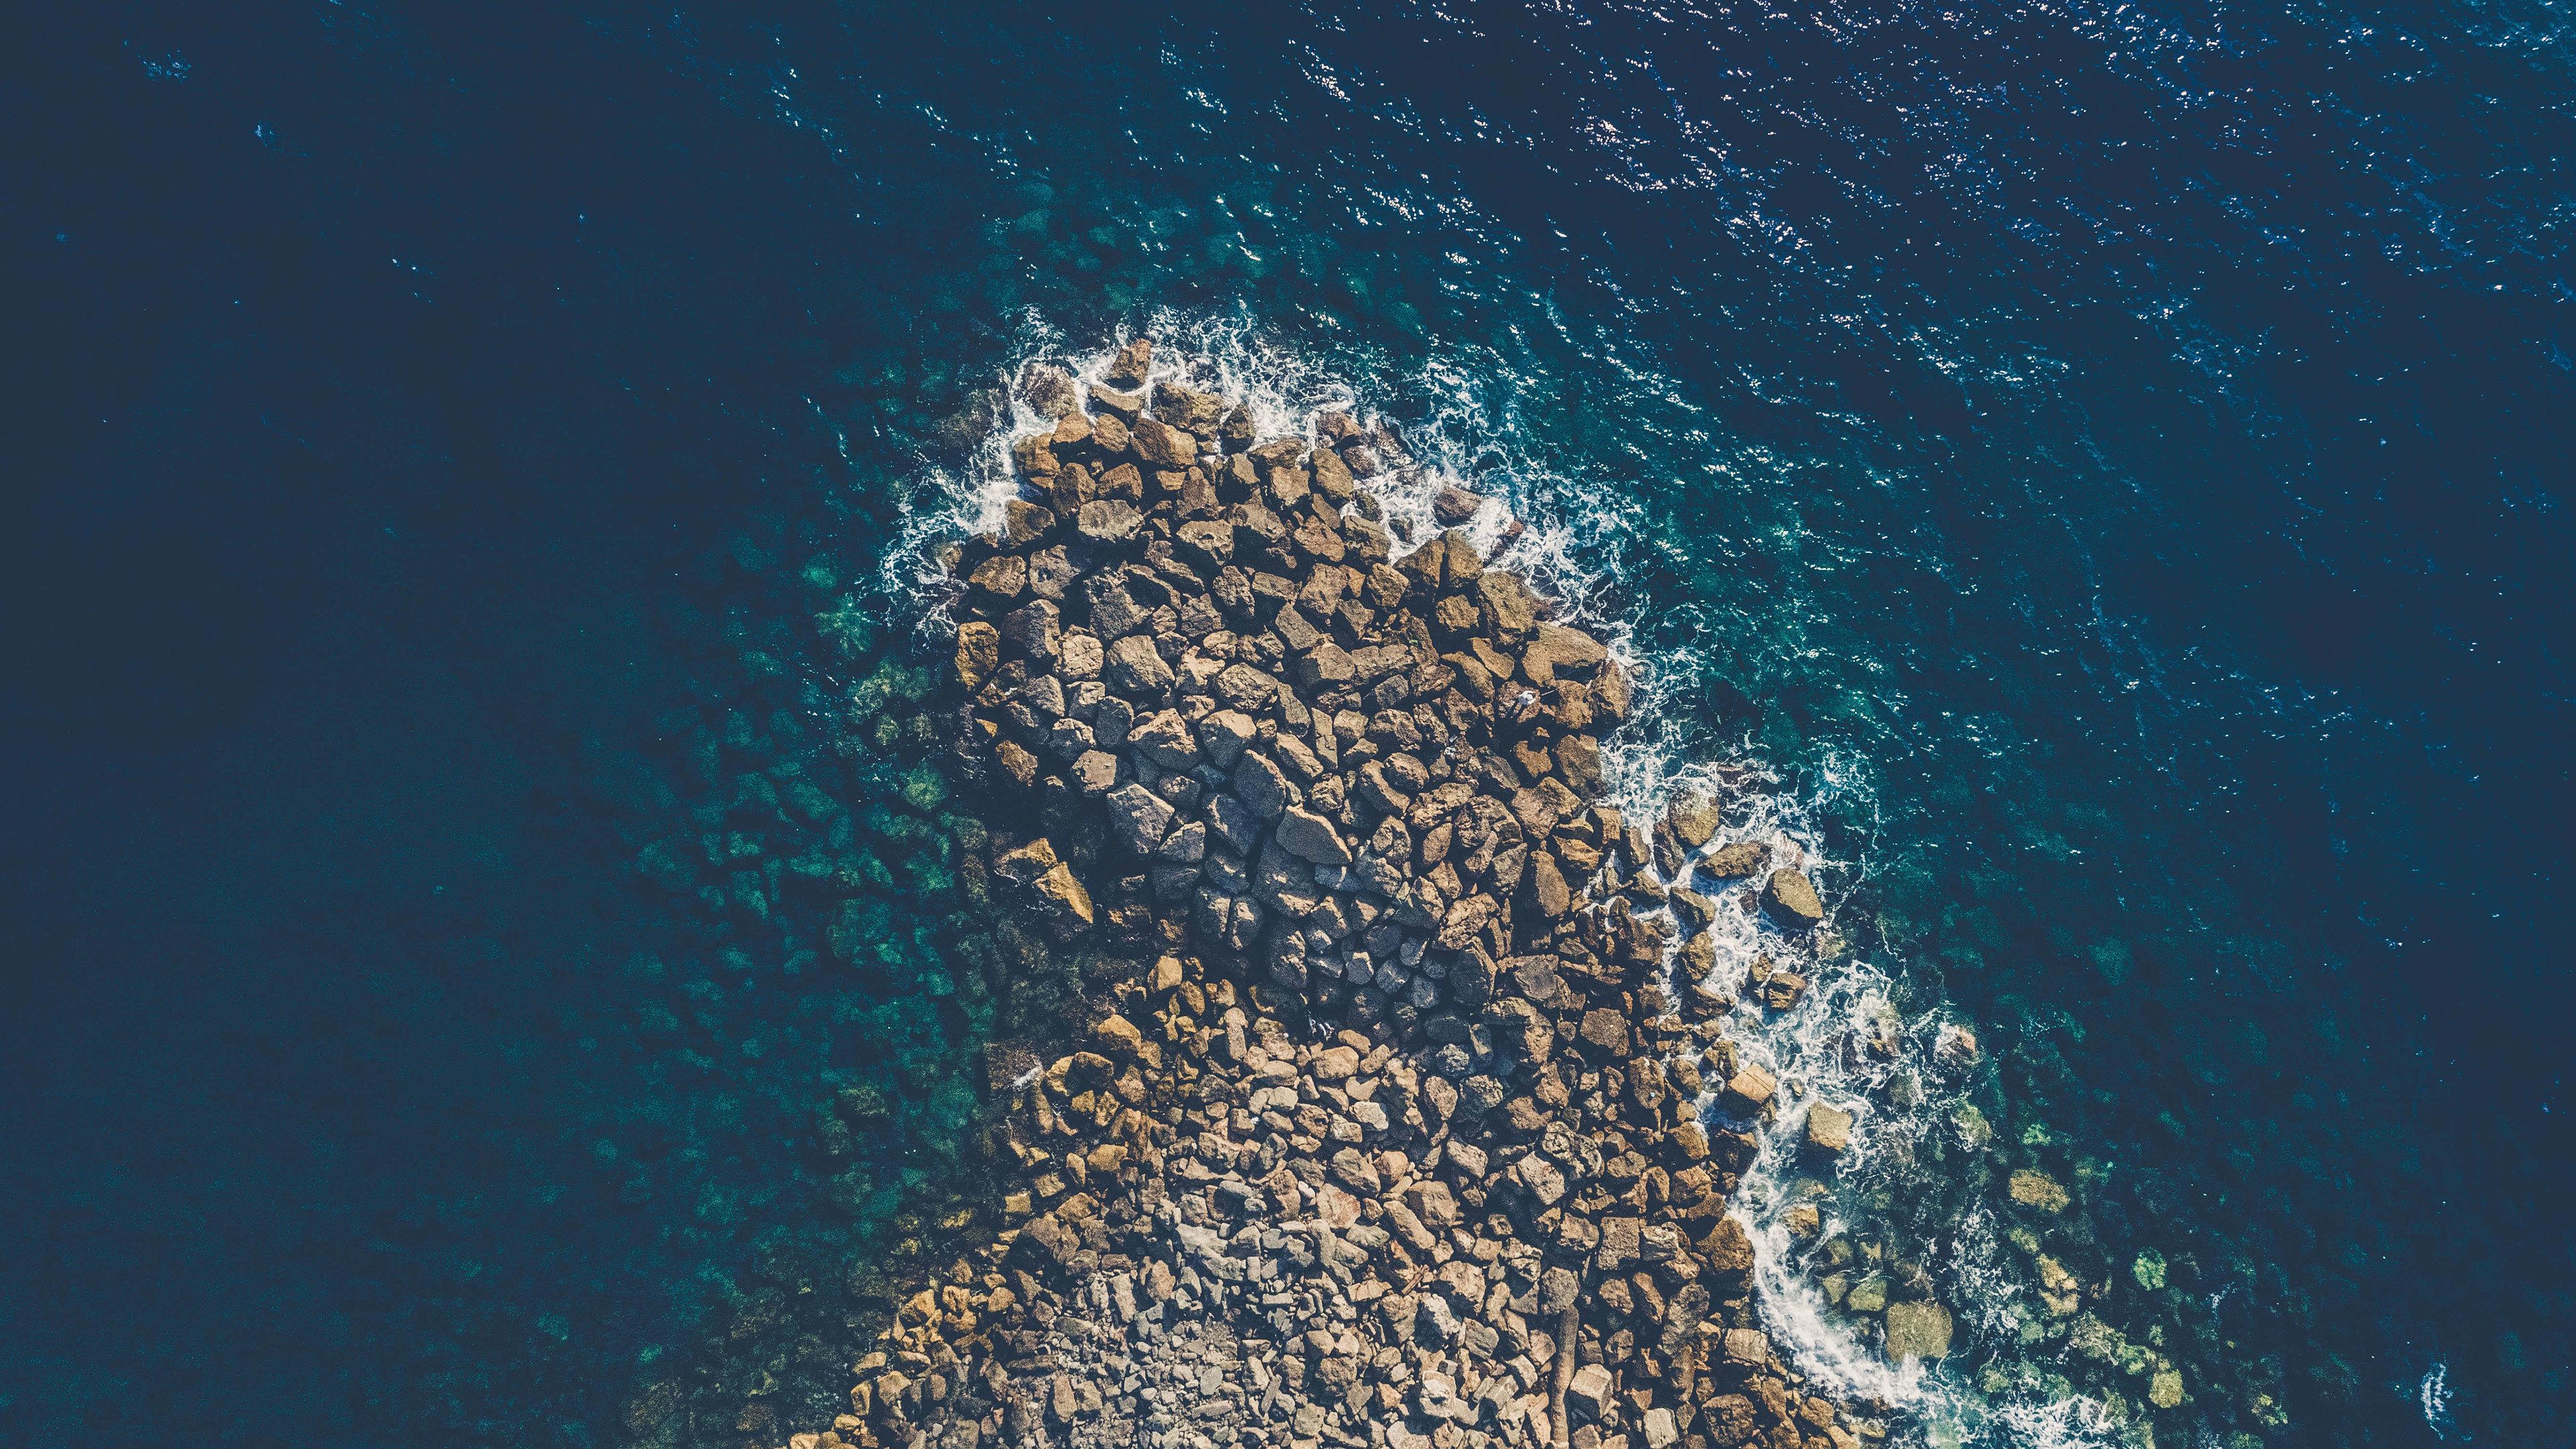 aeiral view sea water coast rocks 4k 1540133047 - Aeiral View Sea Water Coast Rocks 4k - water wallpapers, sea wallpapers, rocks wallpapers, nature wallpapers, hd-wallpapers, 5k wallpapers, 4k-wallpapers